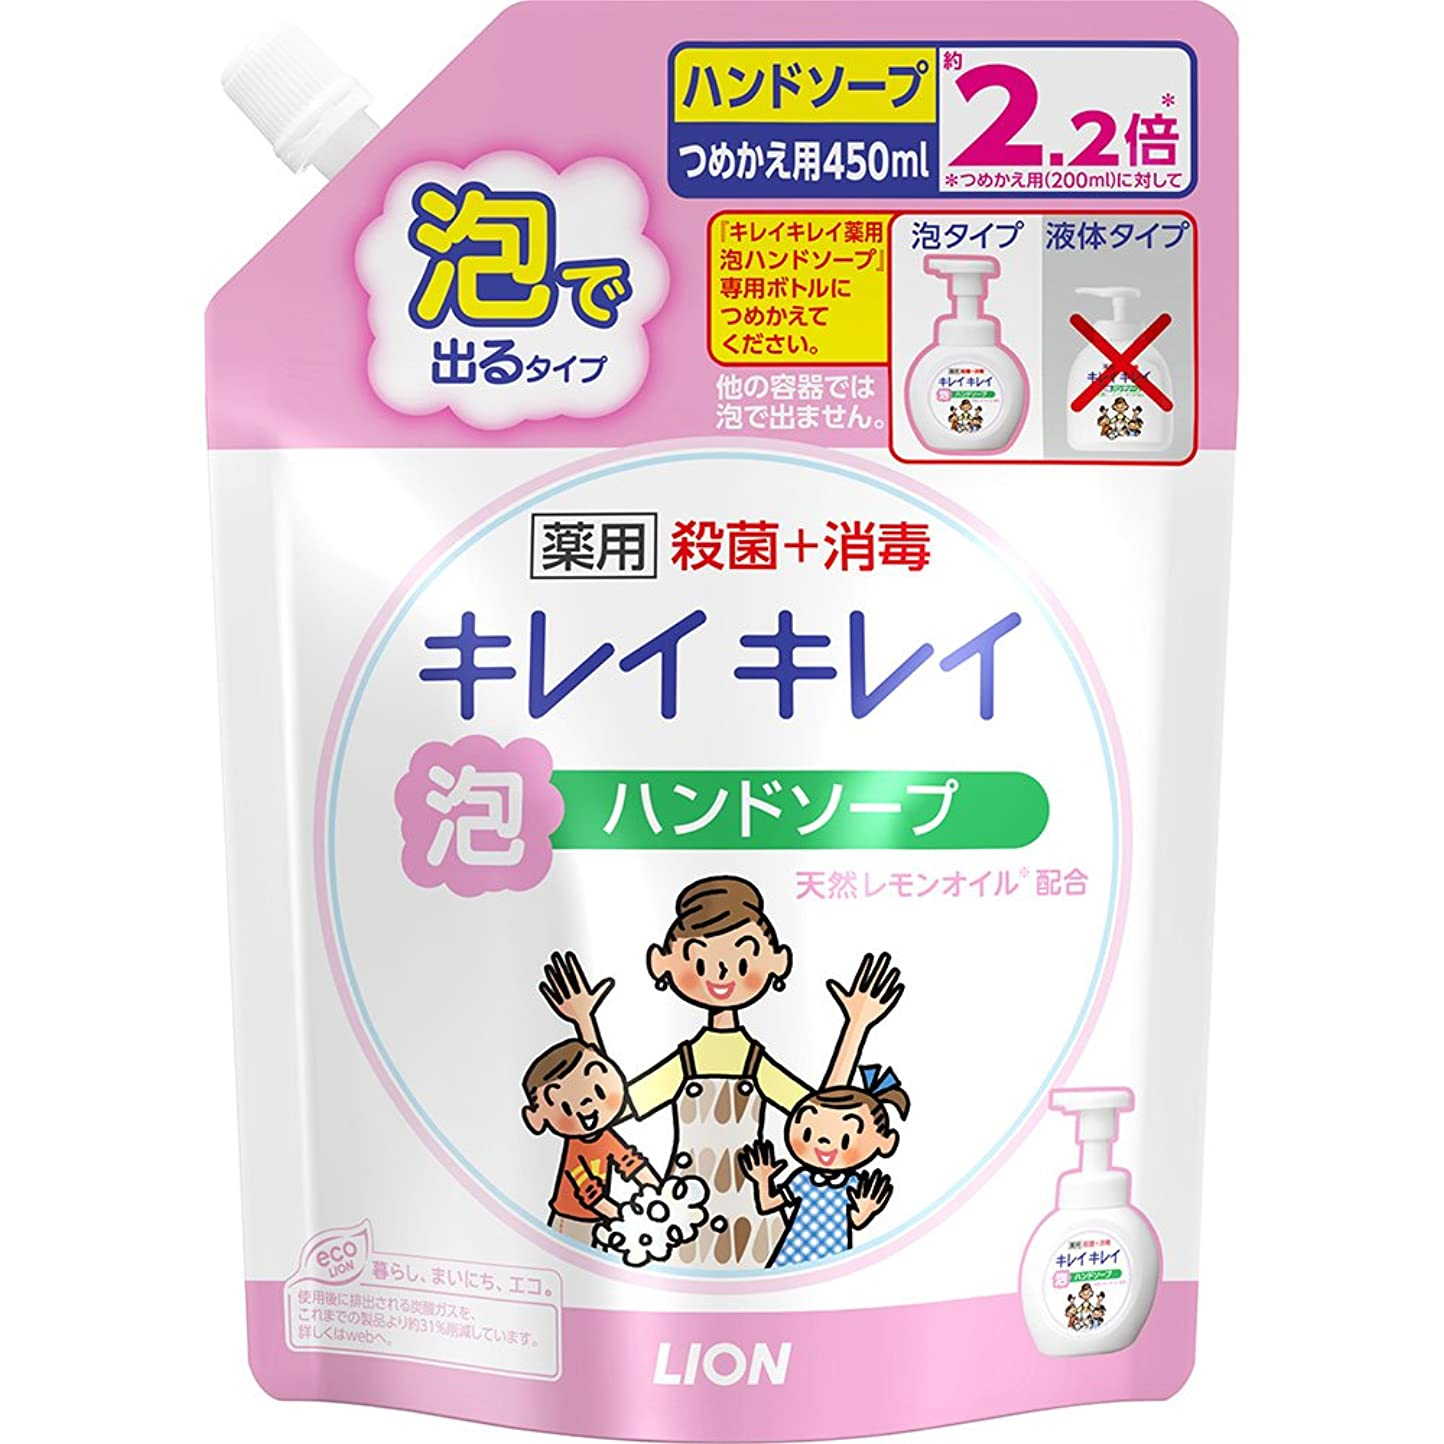 皮肉な省略する人種キレイキレイ 薬用 泡ハンドソープ シトラスフルーティの香り 詰め替え 450ml(医薬部外品)